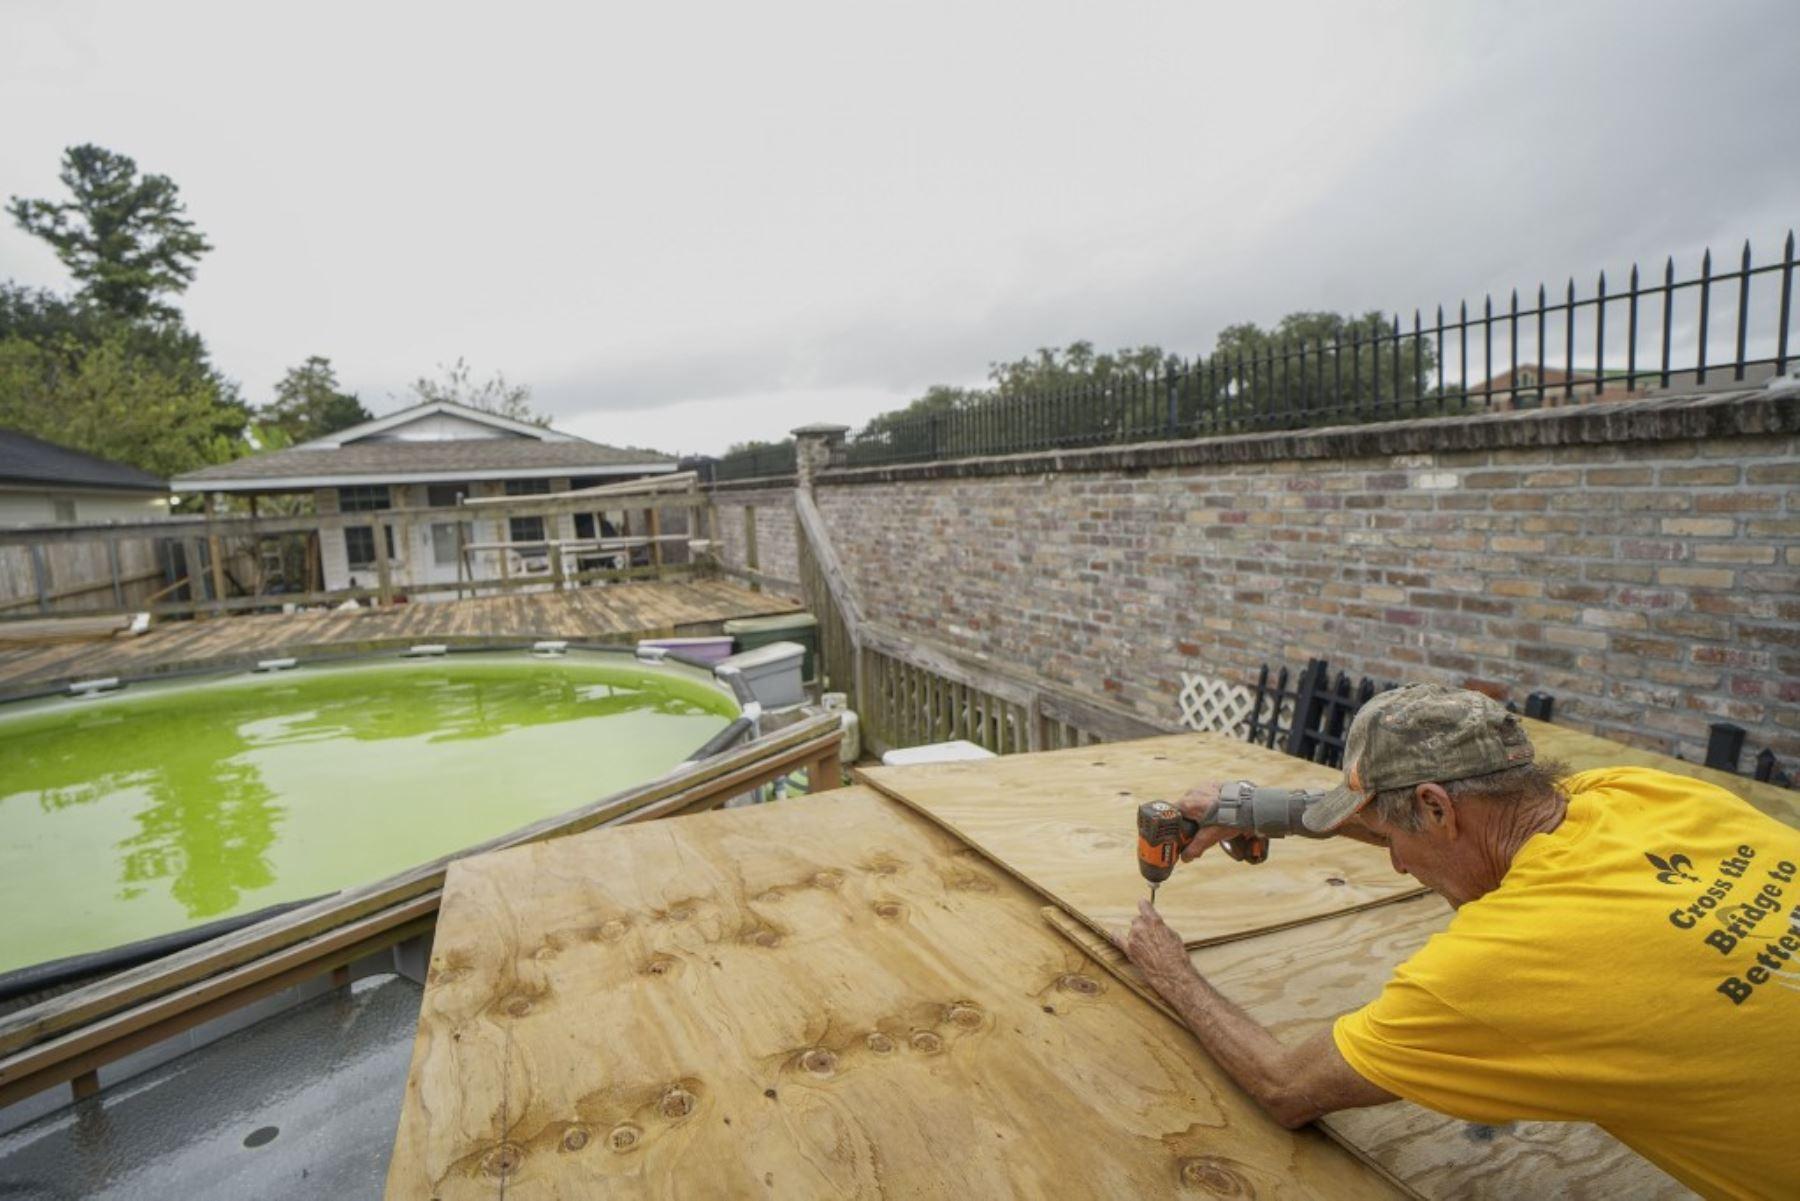 Will Schwander atornilla un refugio de madera contrachapada para proteger los muebles del patio cuando se acerca el huracán Zeta  en Arabi Luisiana.Foto:AFP